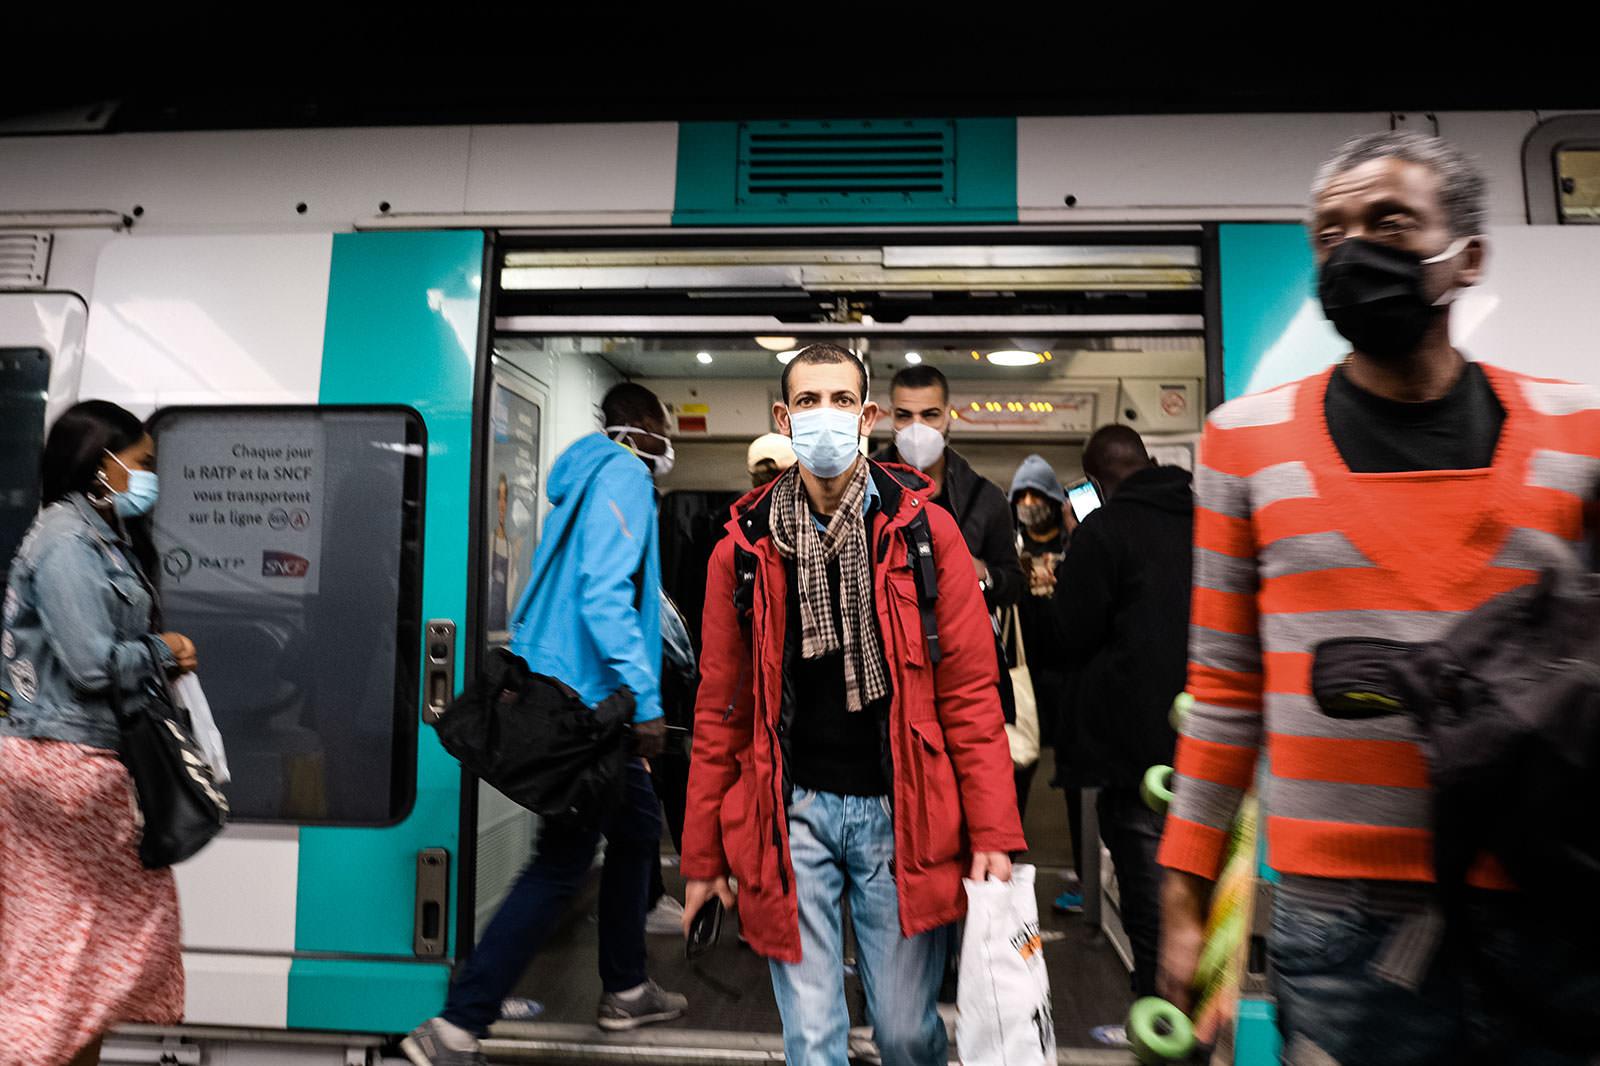 Paris : Covid 19 Outbreak Deconfinement